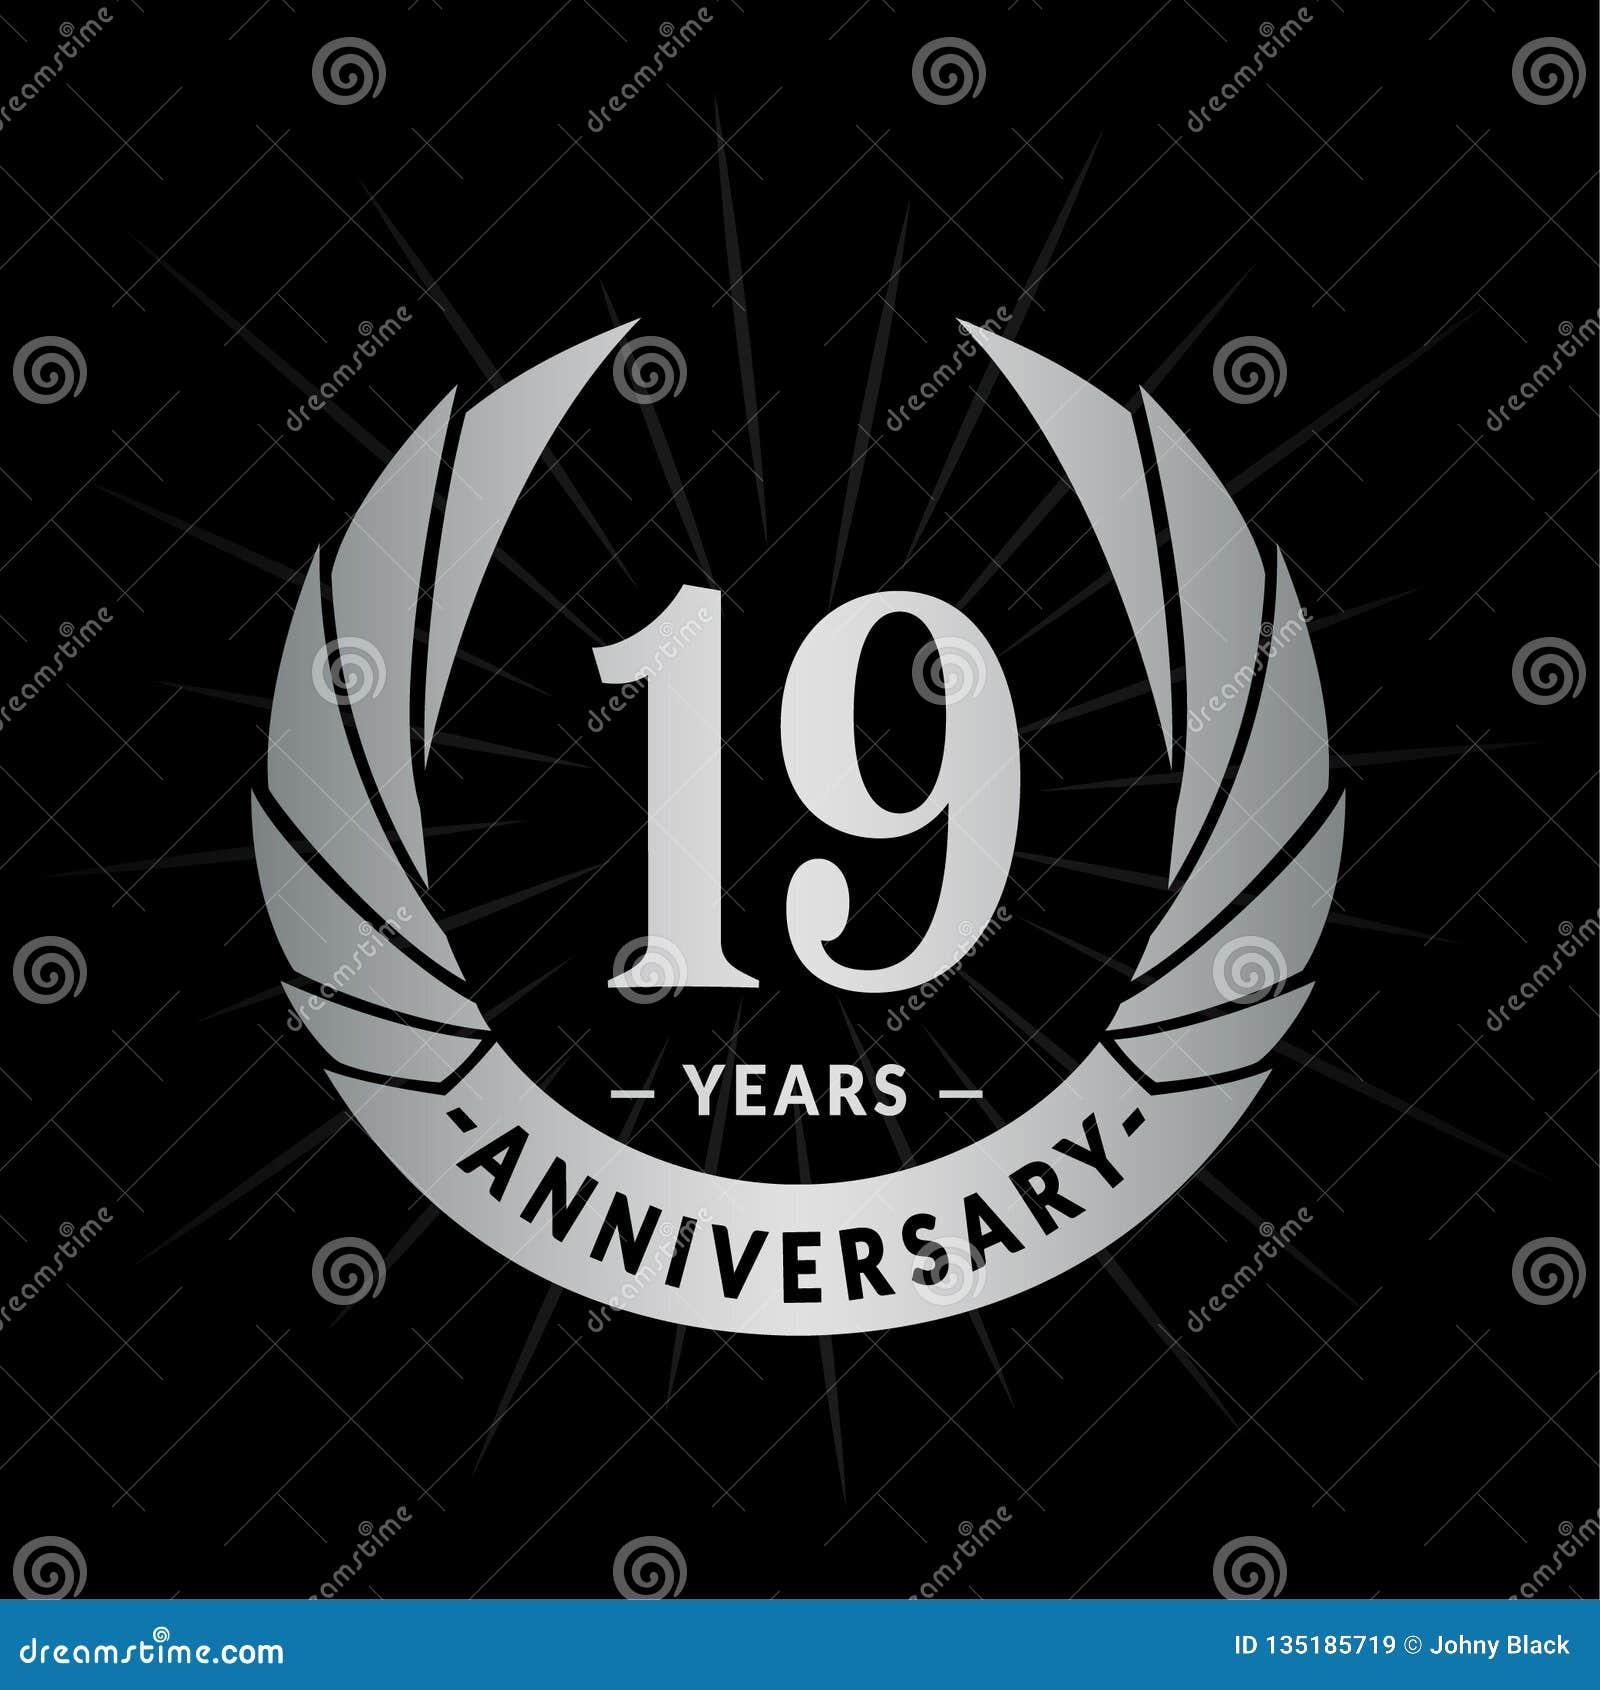 19 years anniversary design template. Elegant anniversary logo design. Nineteen years logo.